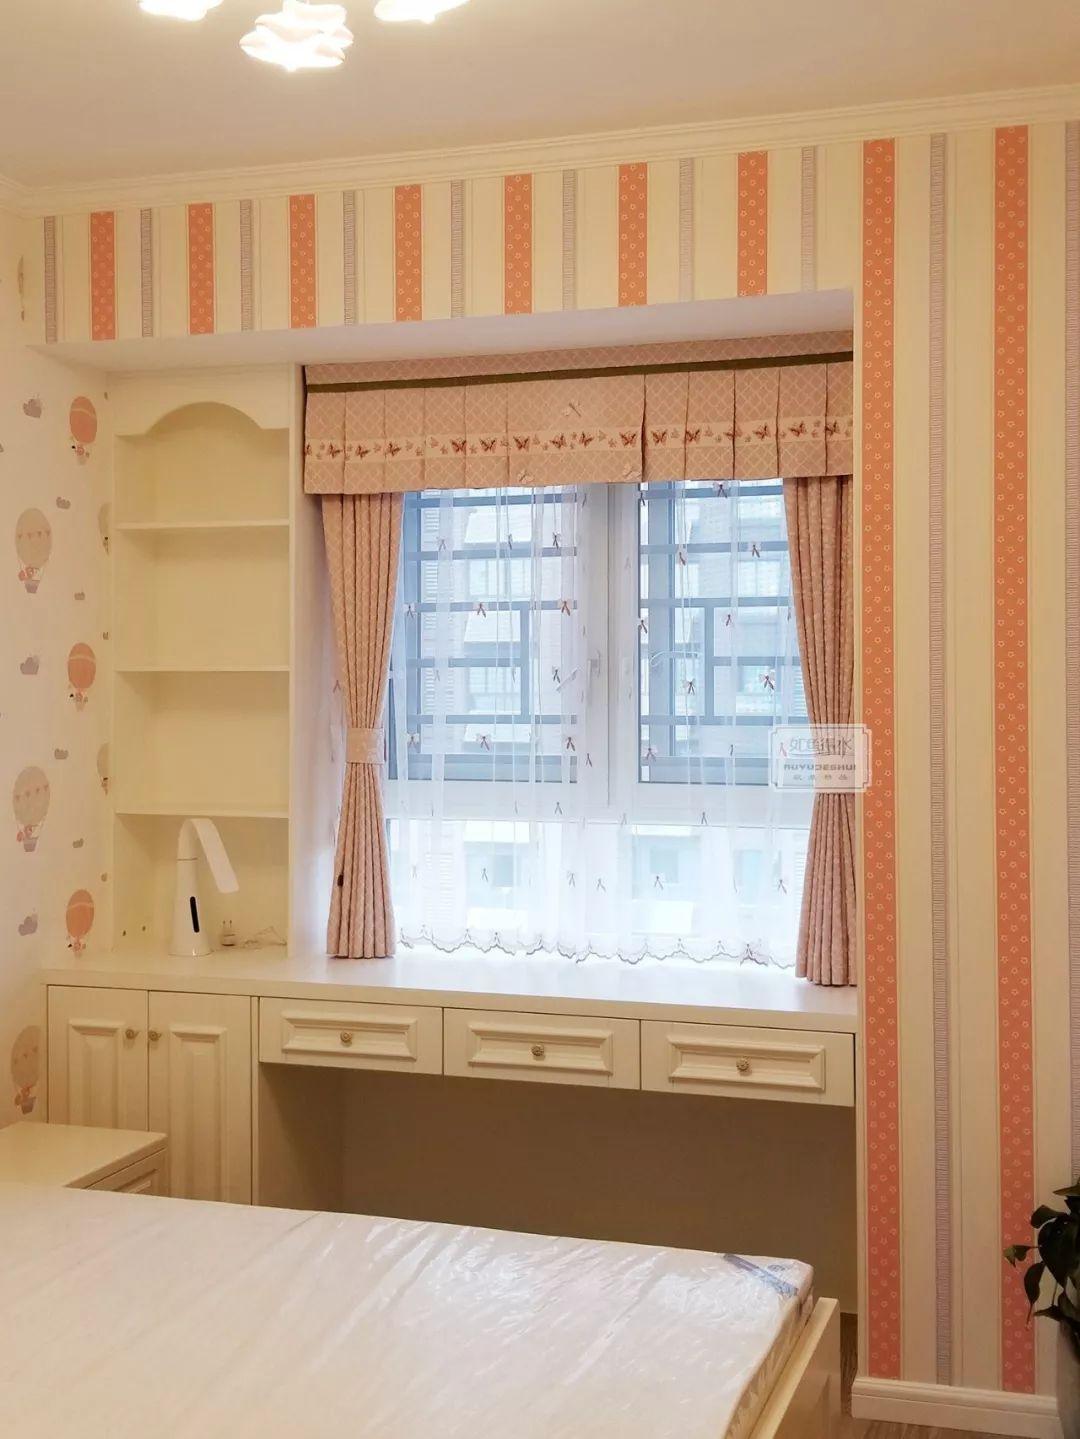 飘窗窗帘靠墙还是靠窗 窗帘盒要不要 利弊全在这里啦